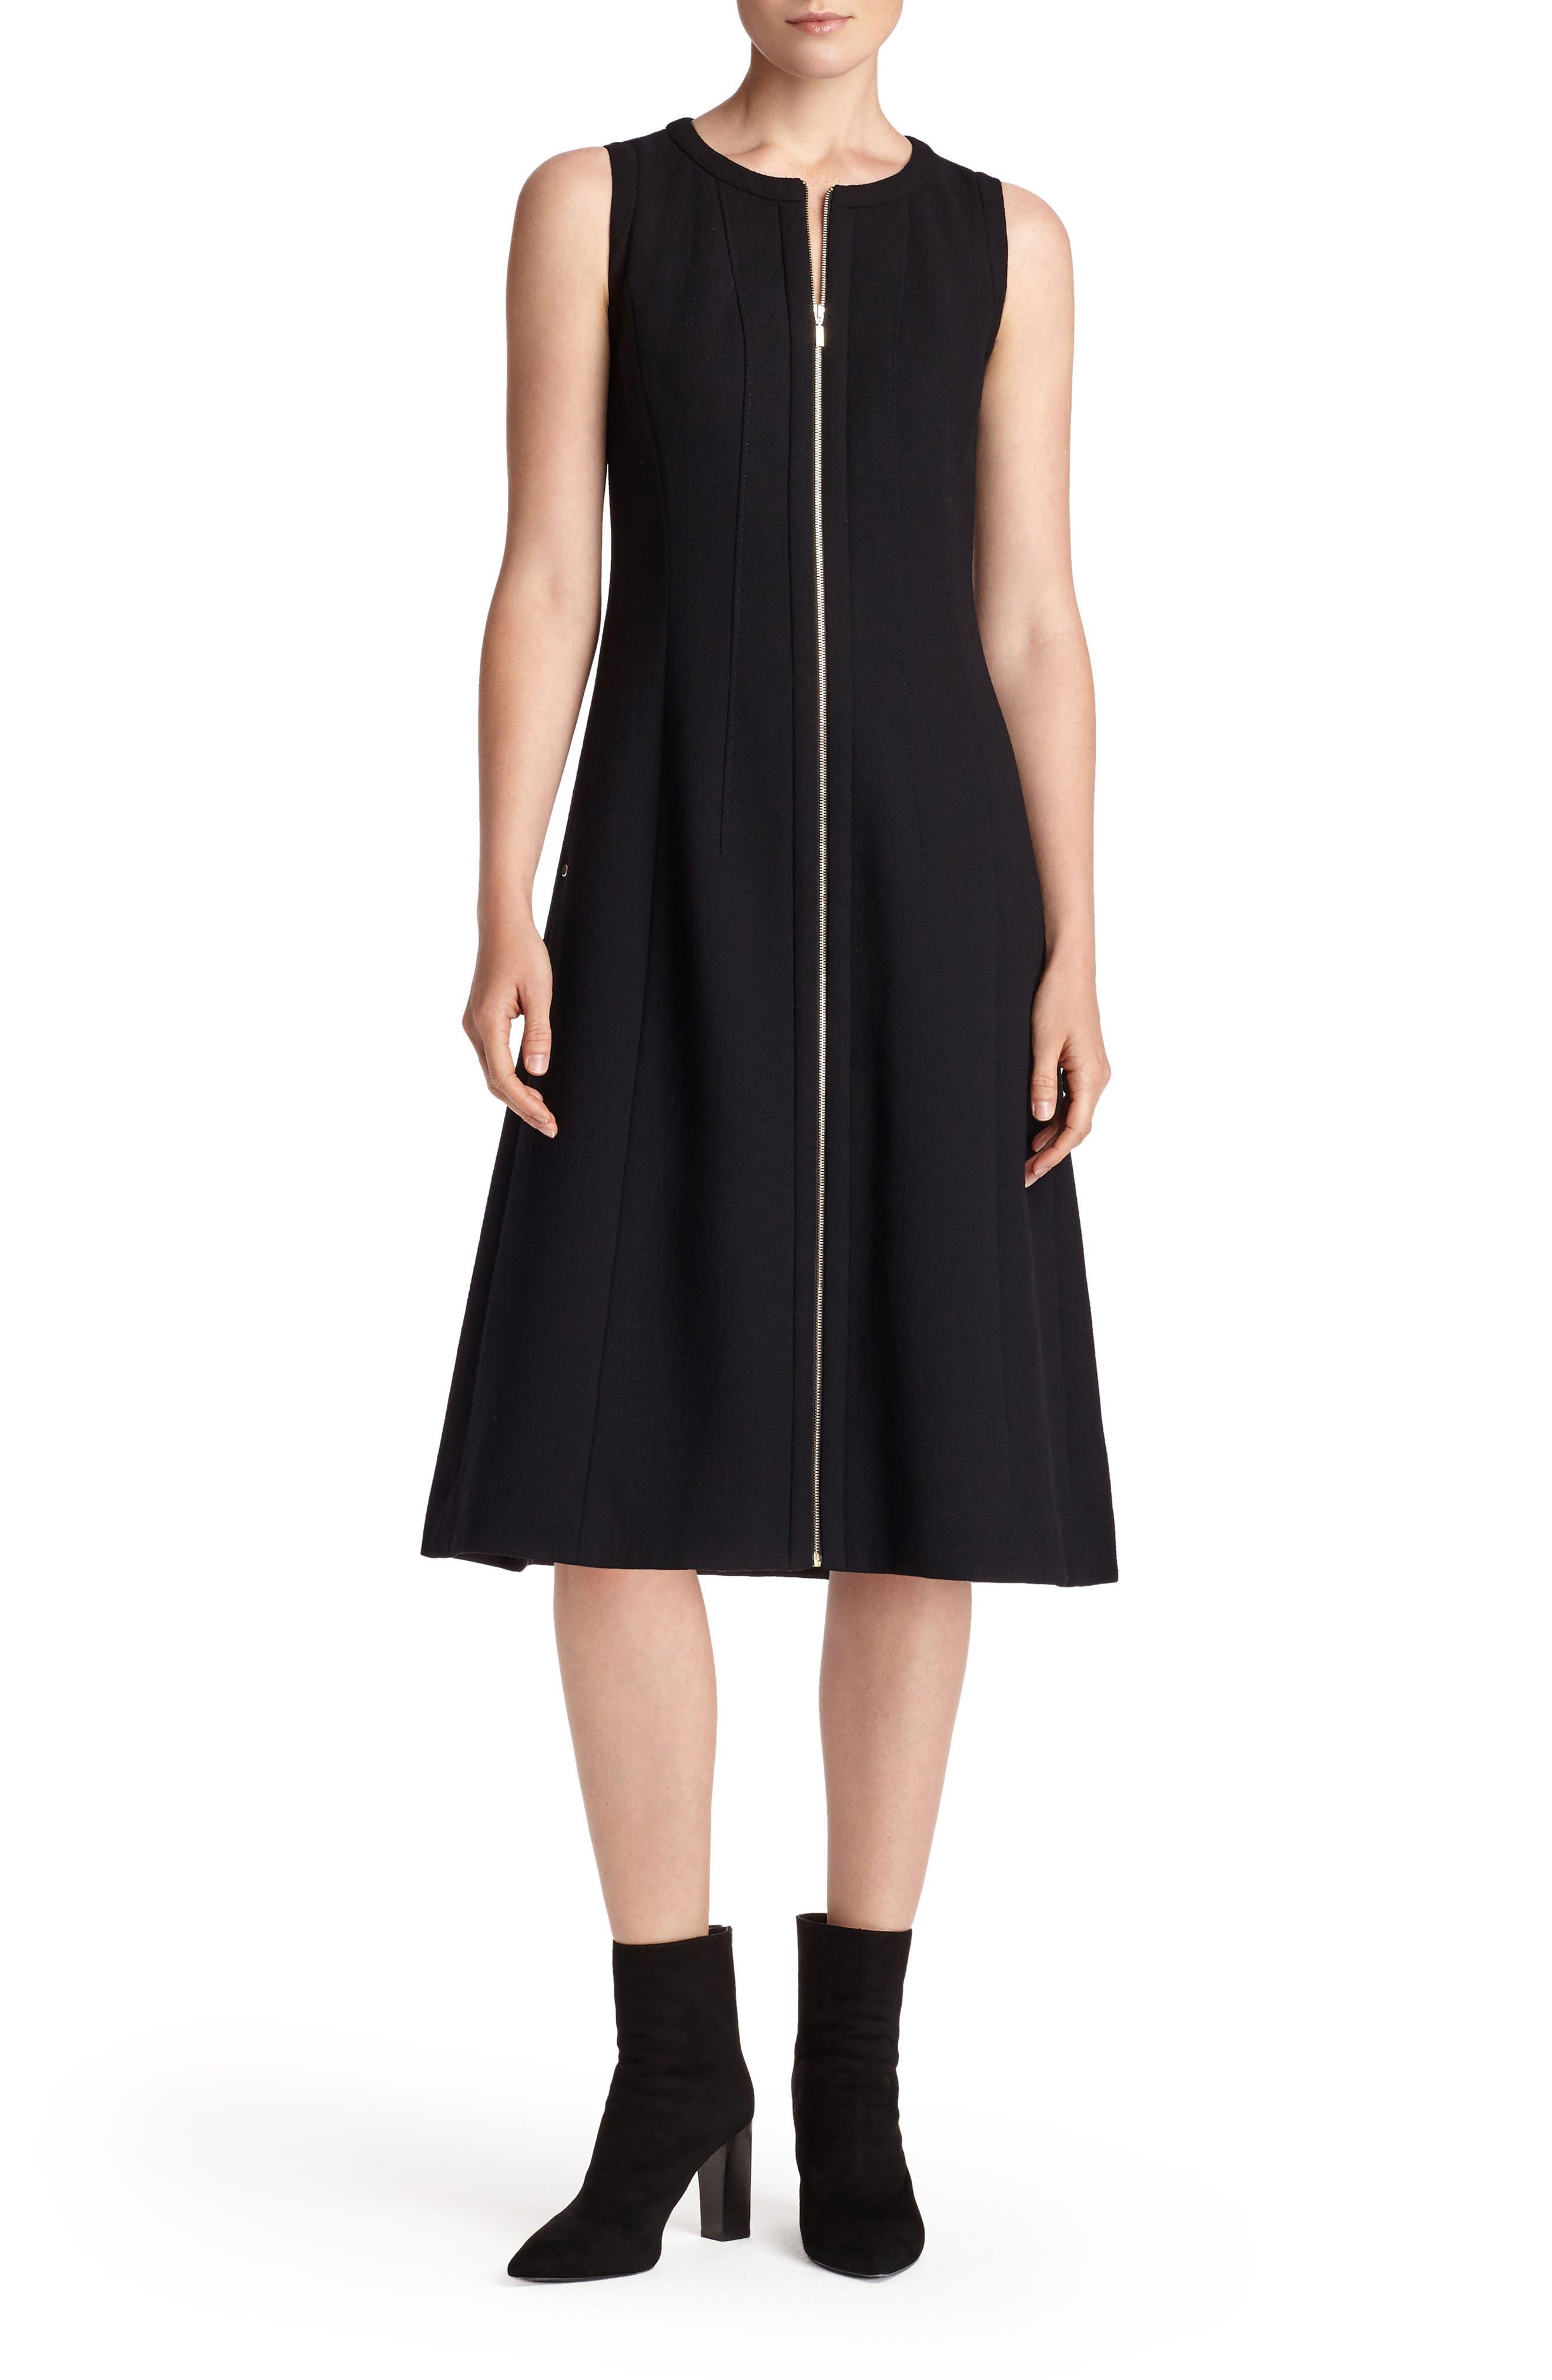 Celinda Nouveau Crepe Dress,                             Main thumbnail 1, color,                             Black